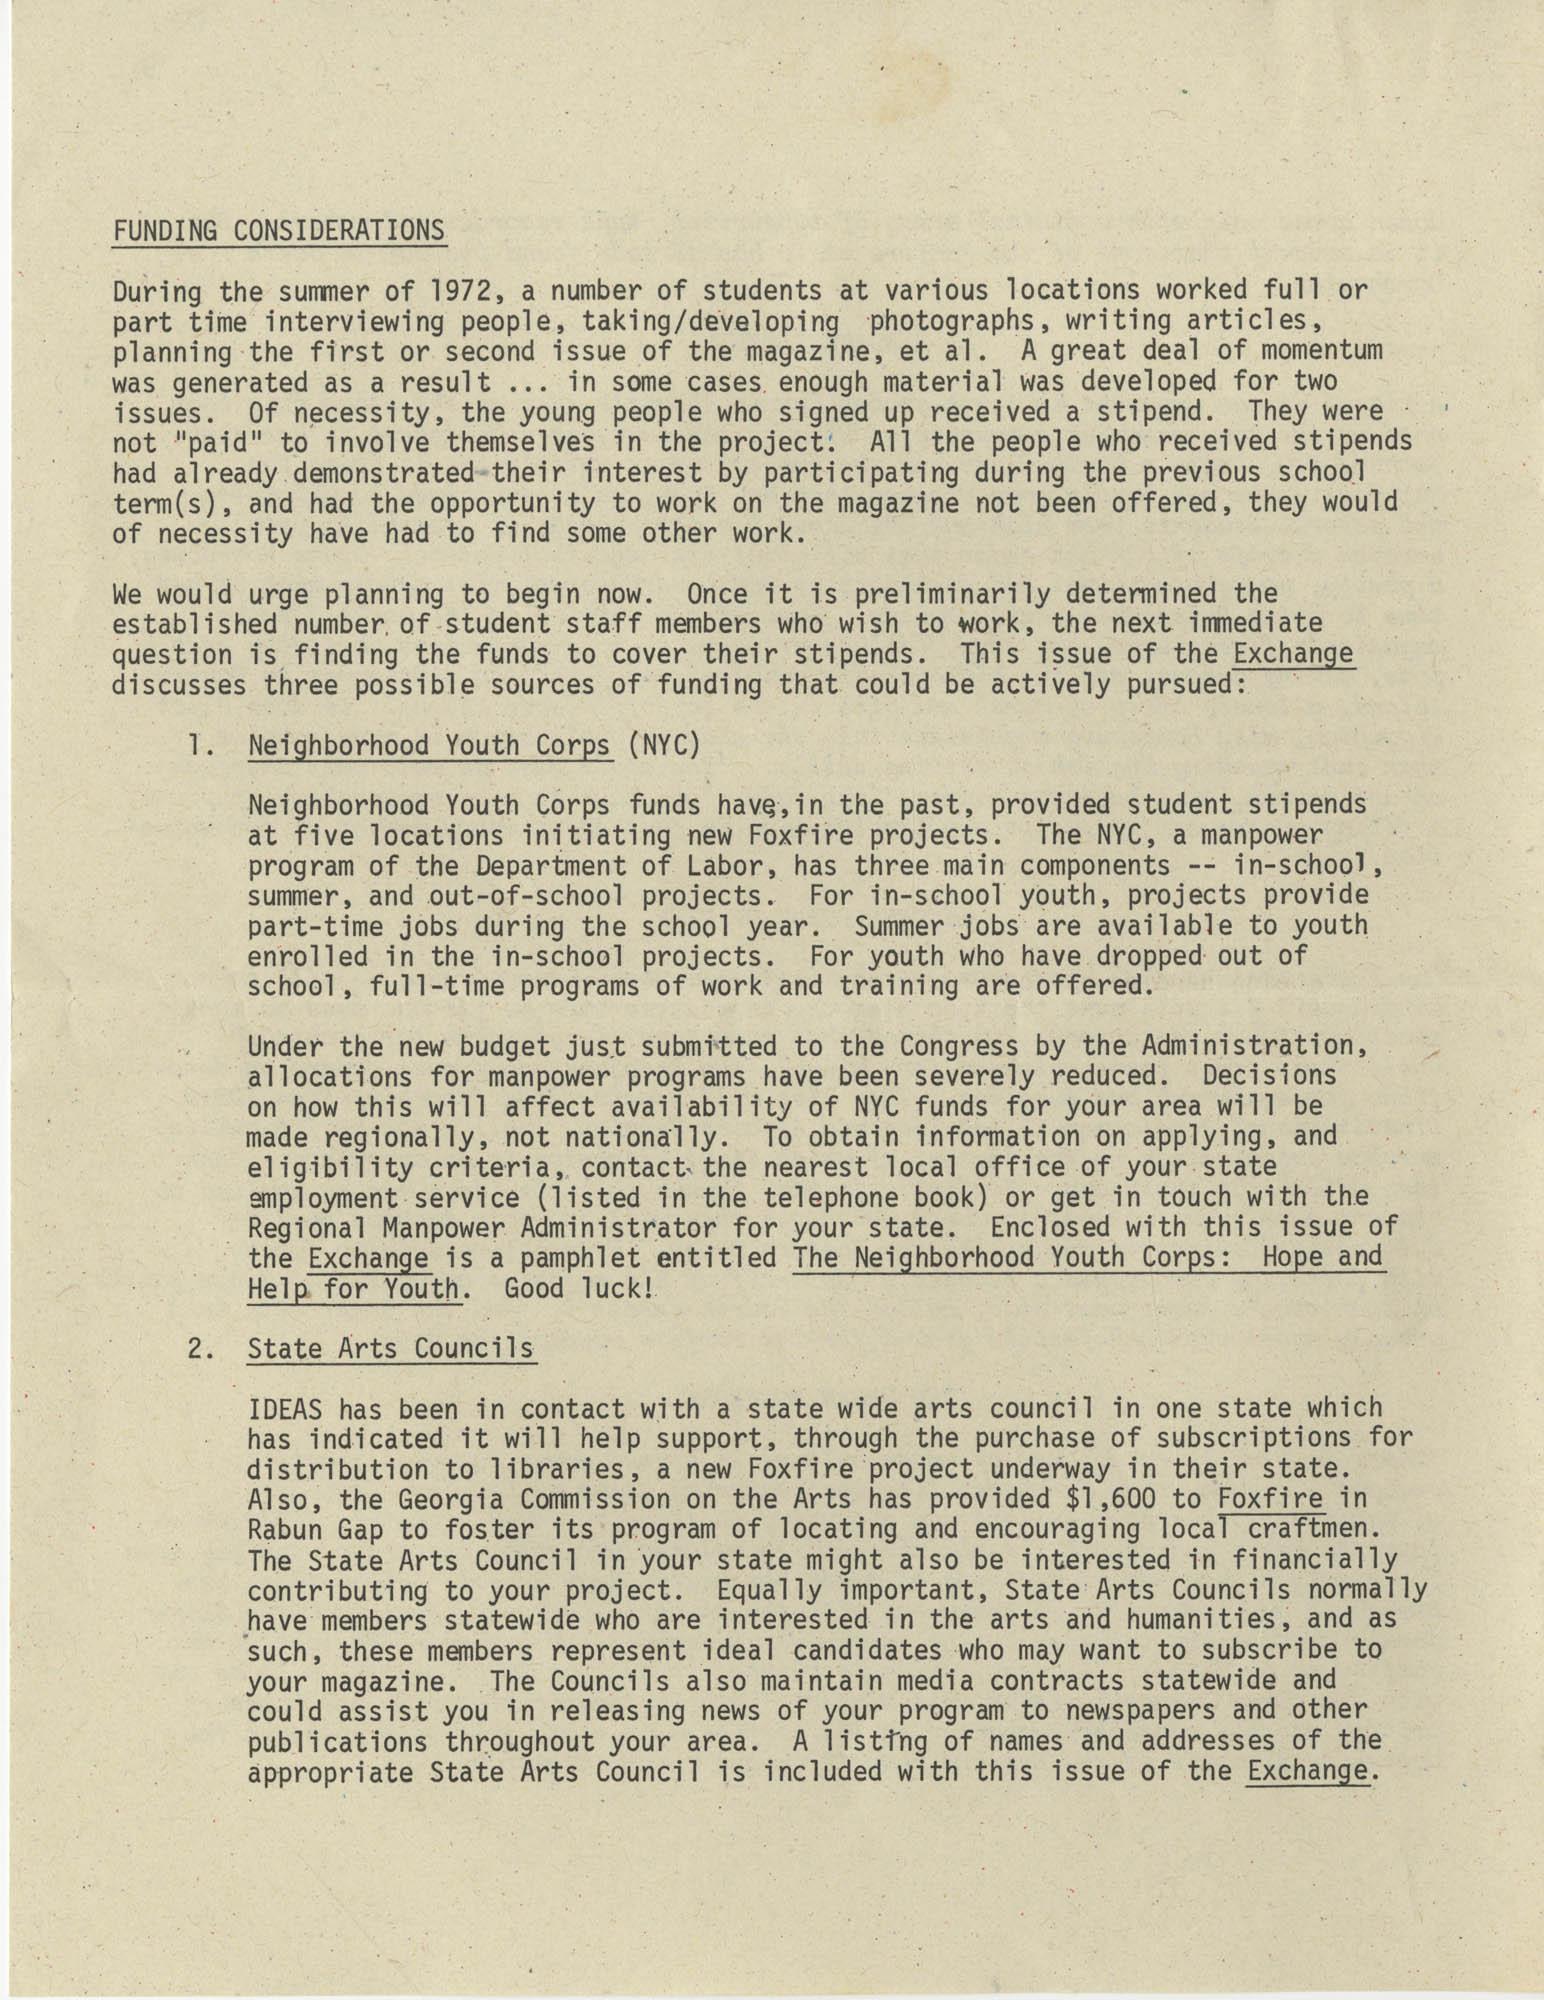 Exchange, Vol. 1, No. 1, Page 10